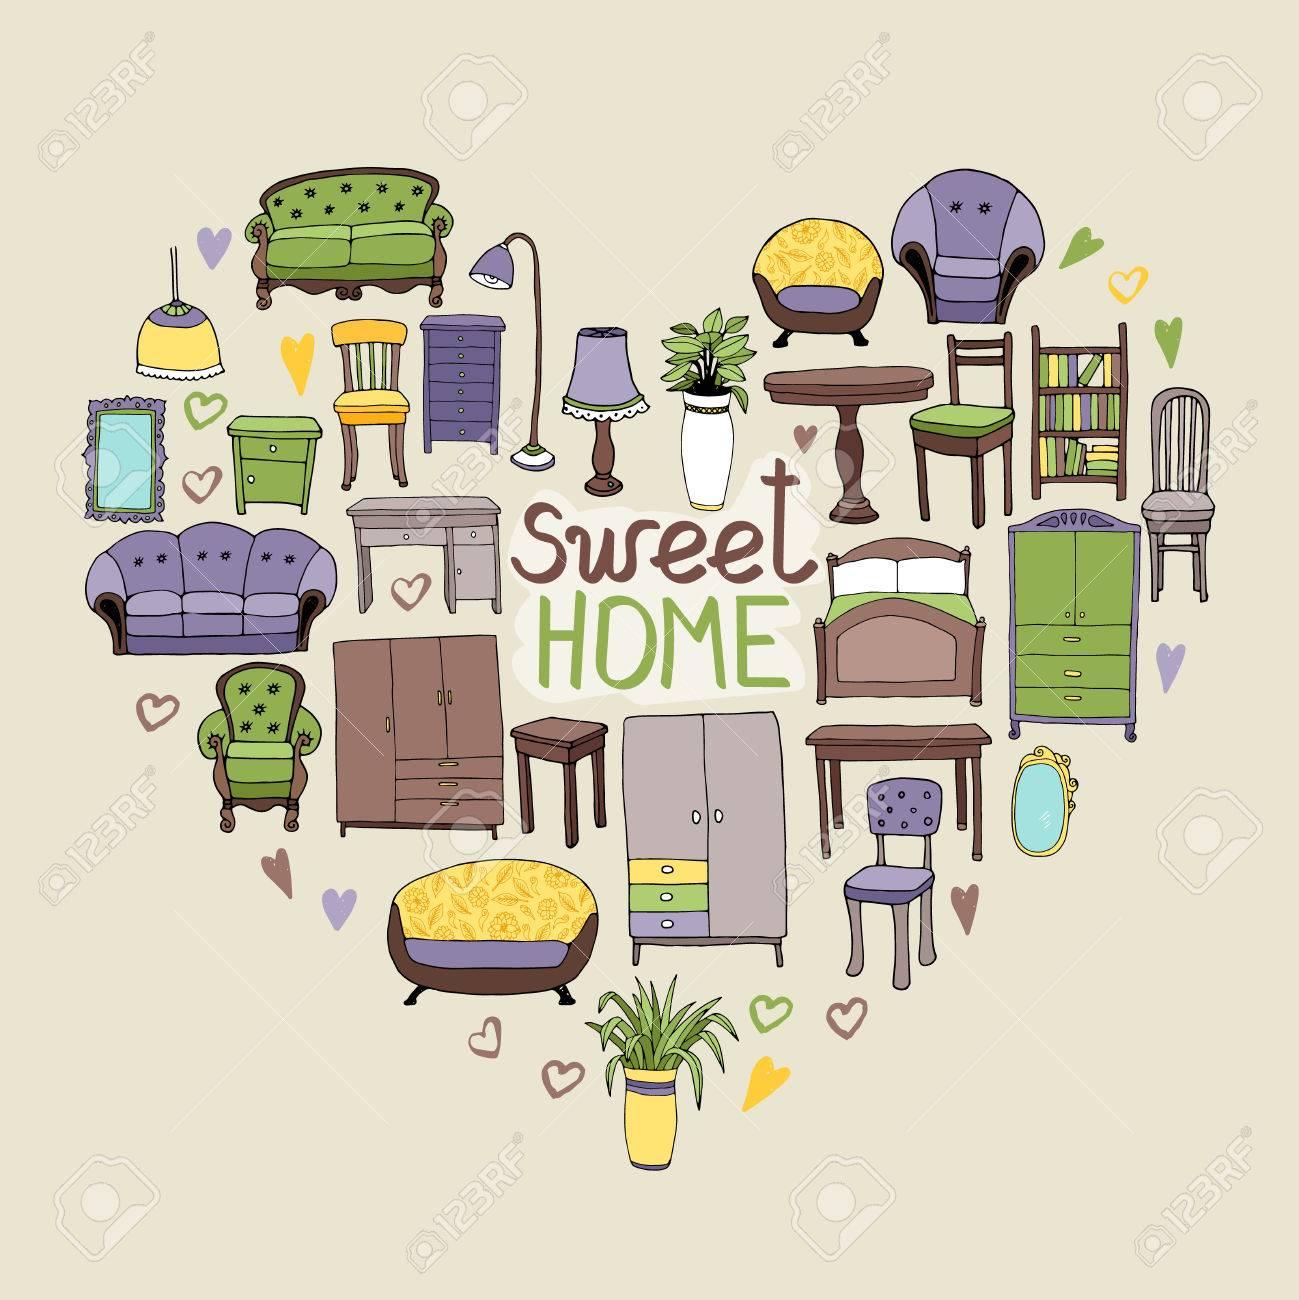 Sweet Home Notion Avec Divers Accessoires Pour La Maison Et Les  # Les Meubles Pour La Maison